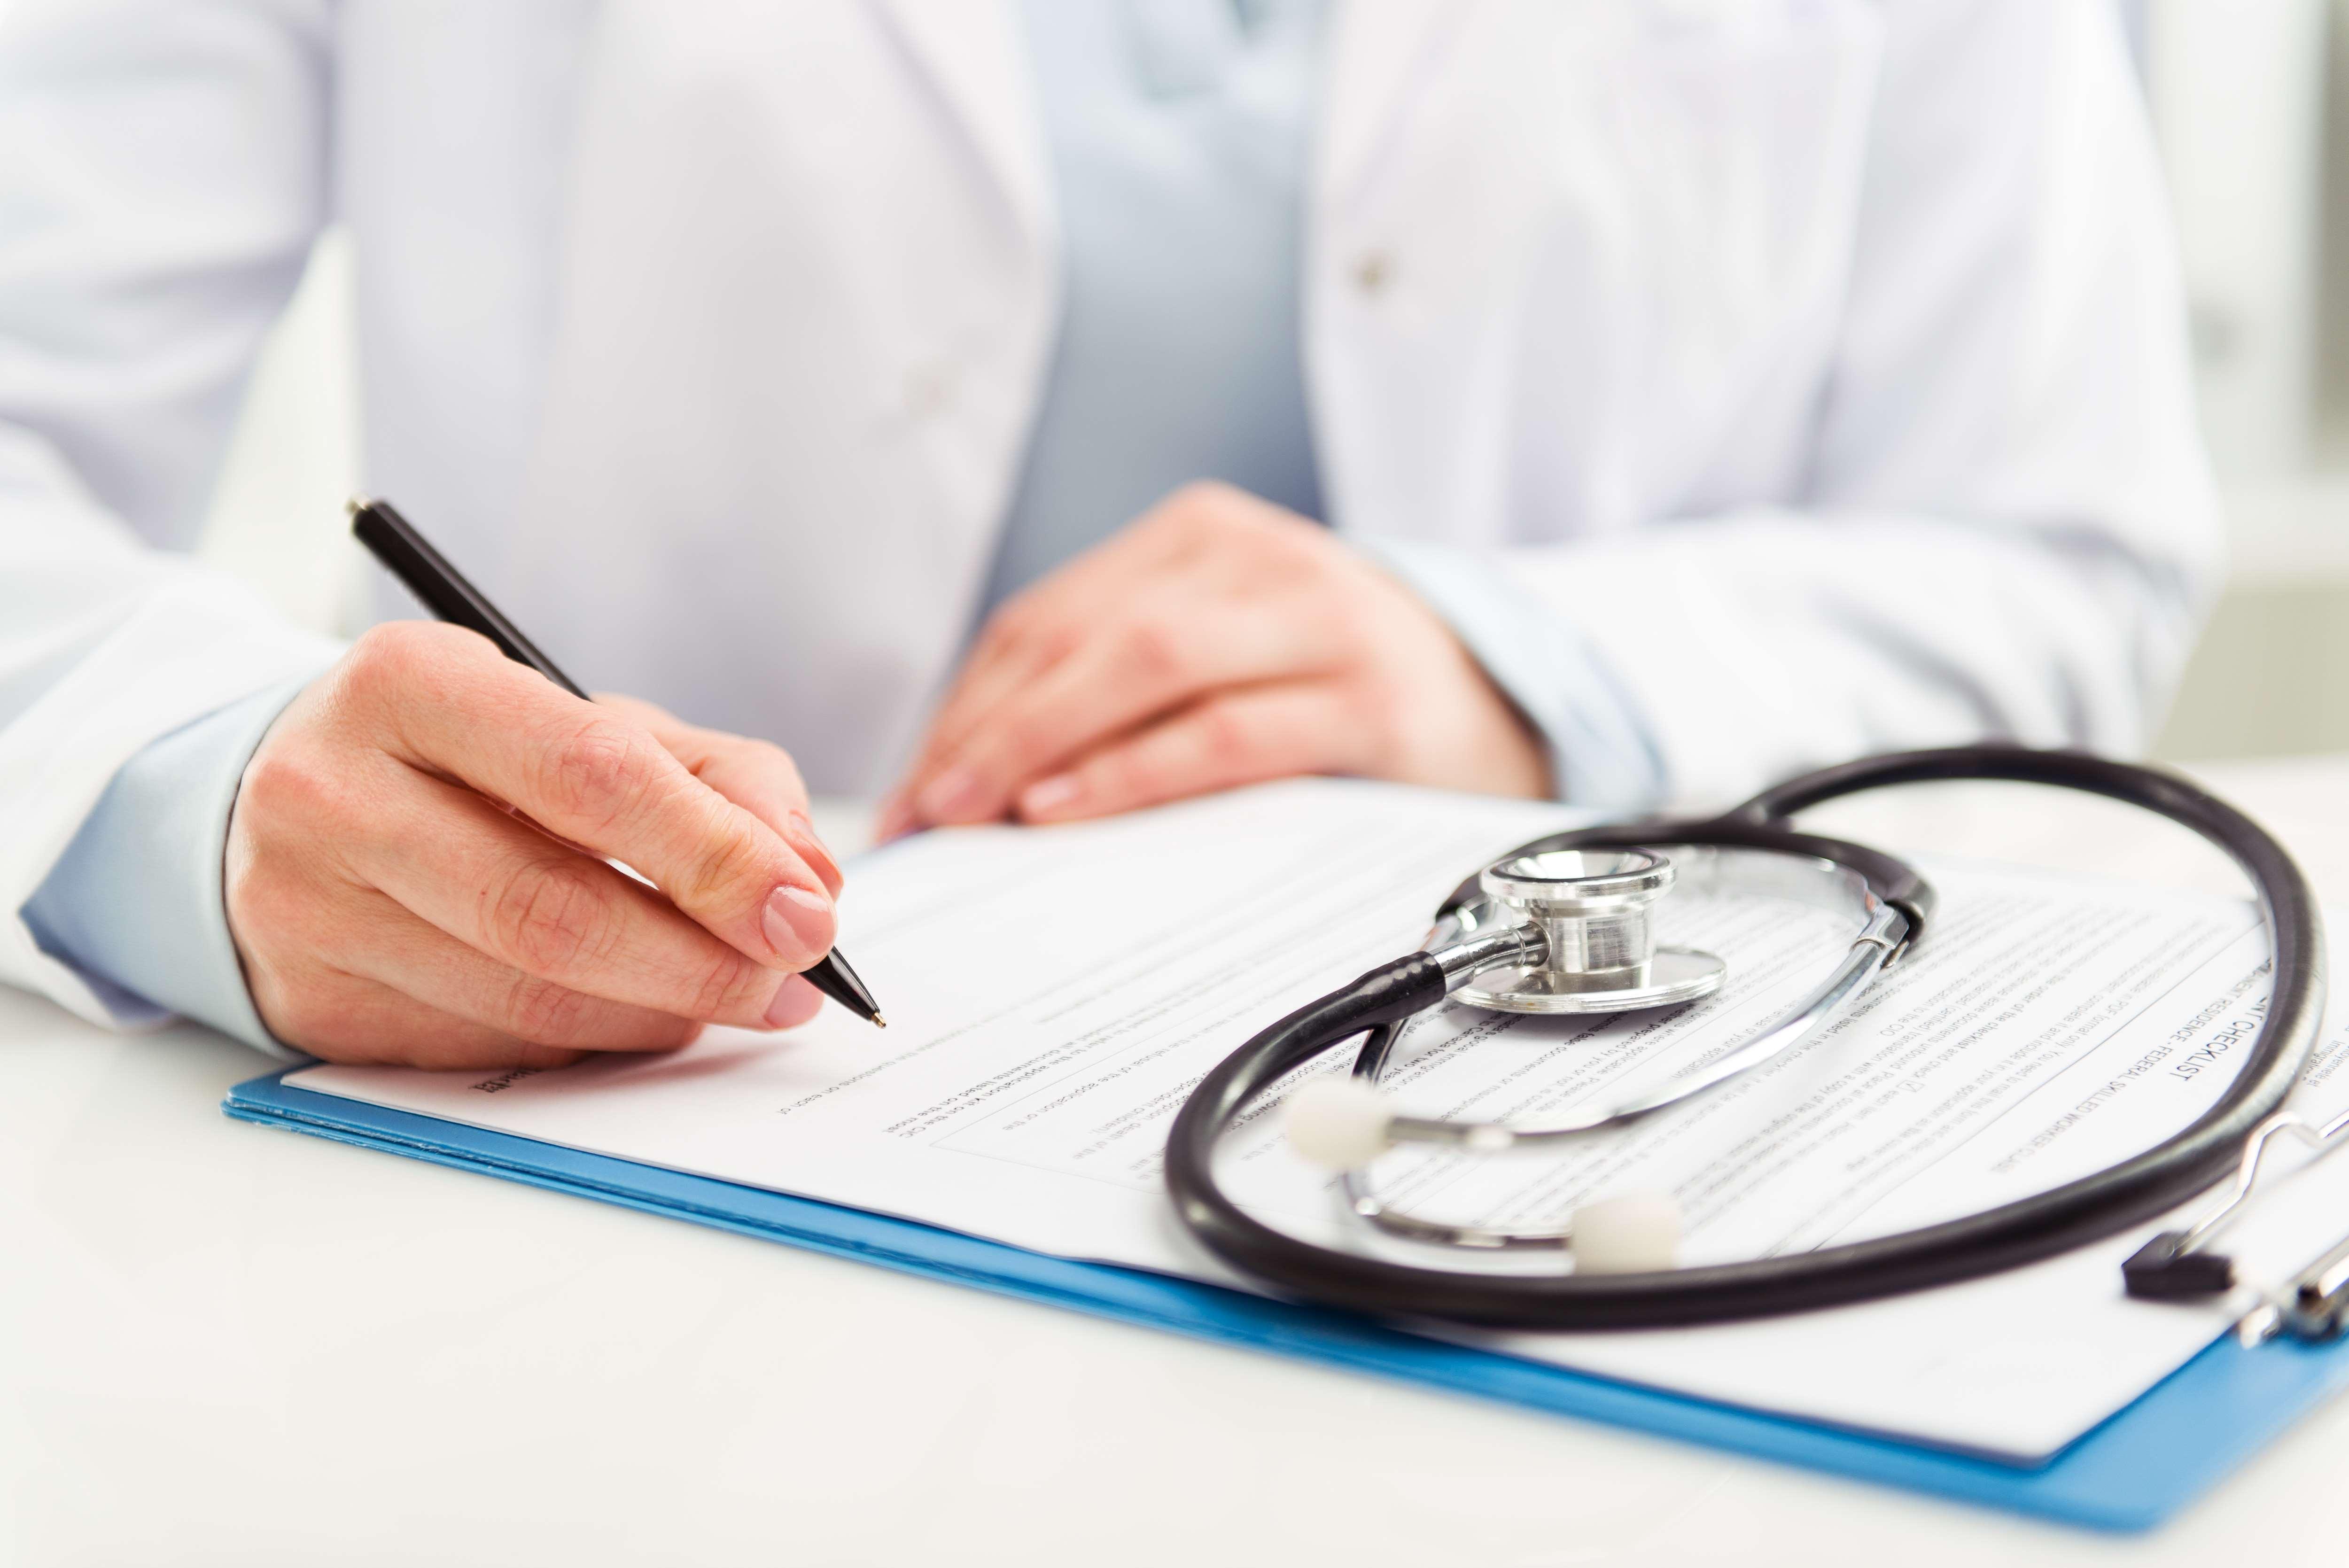 Skierowanie na badania lekarskie 2021. Pobierz darmowy wzór.